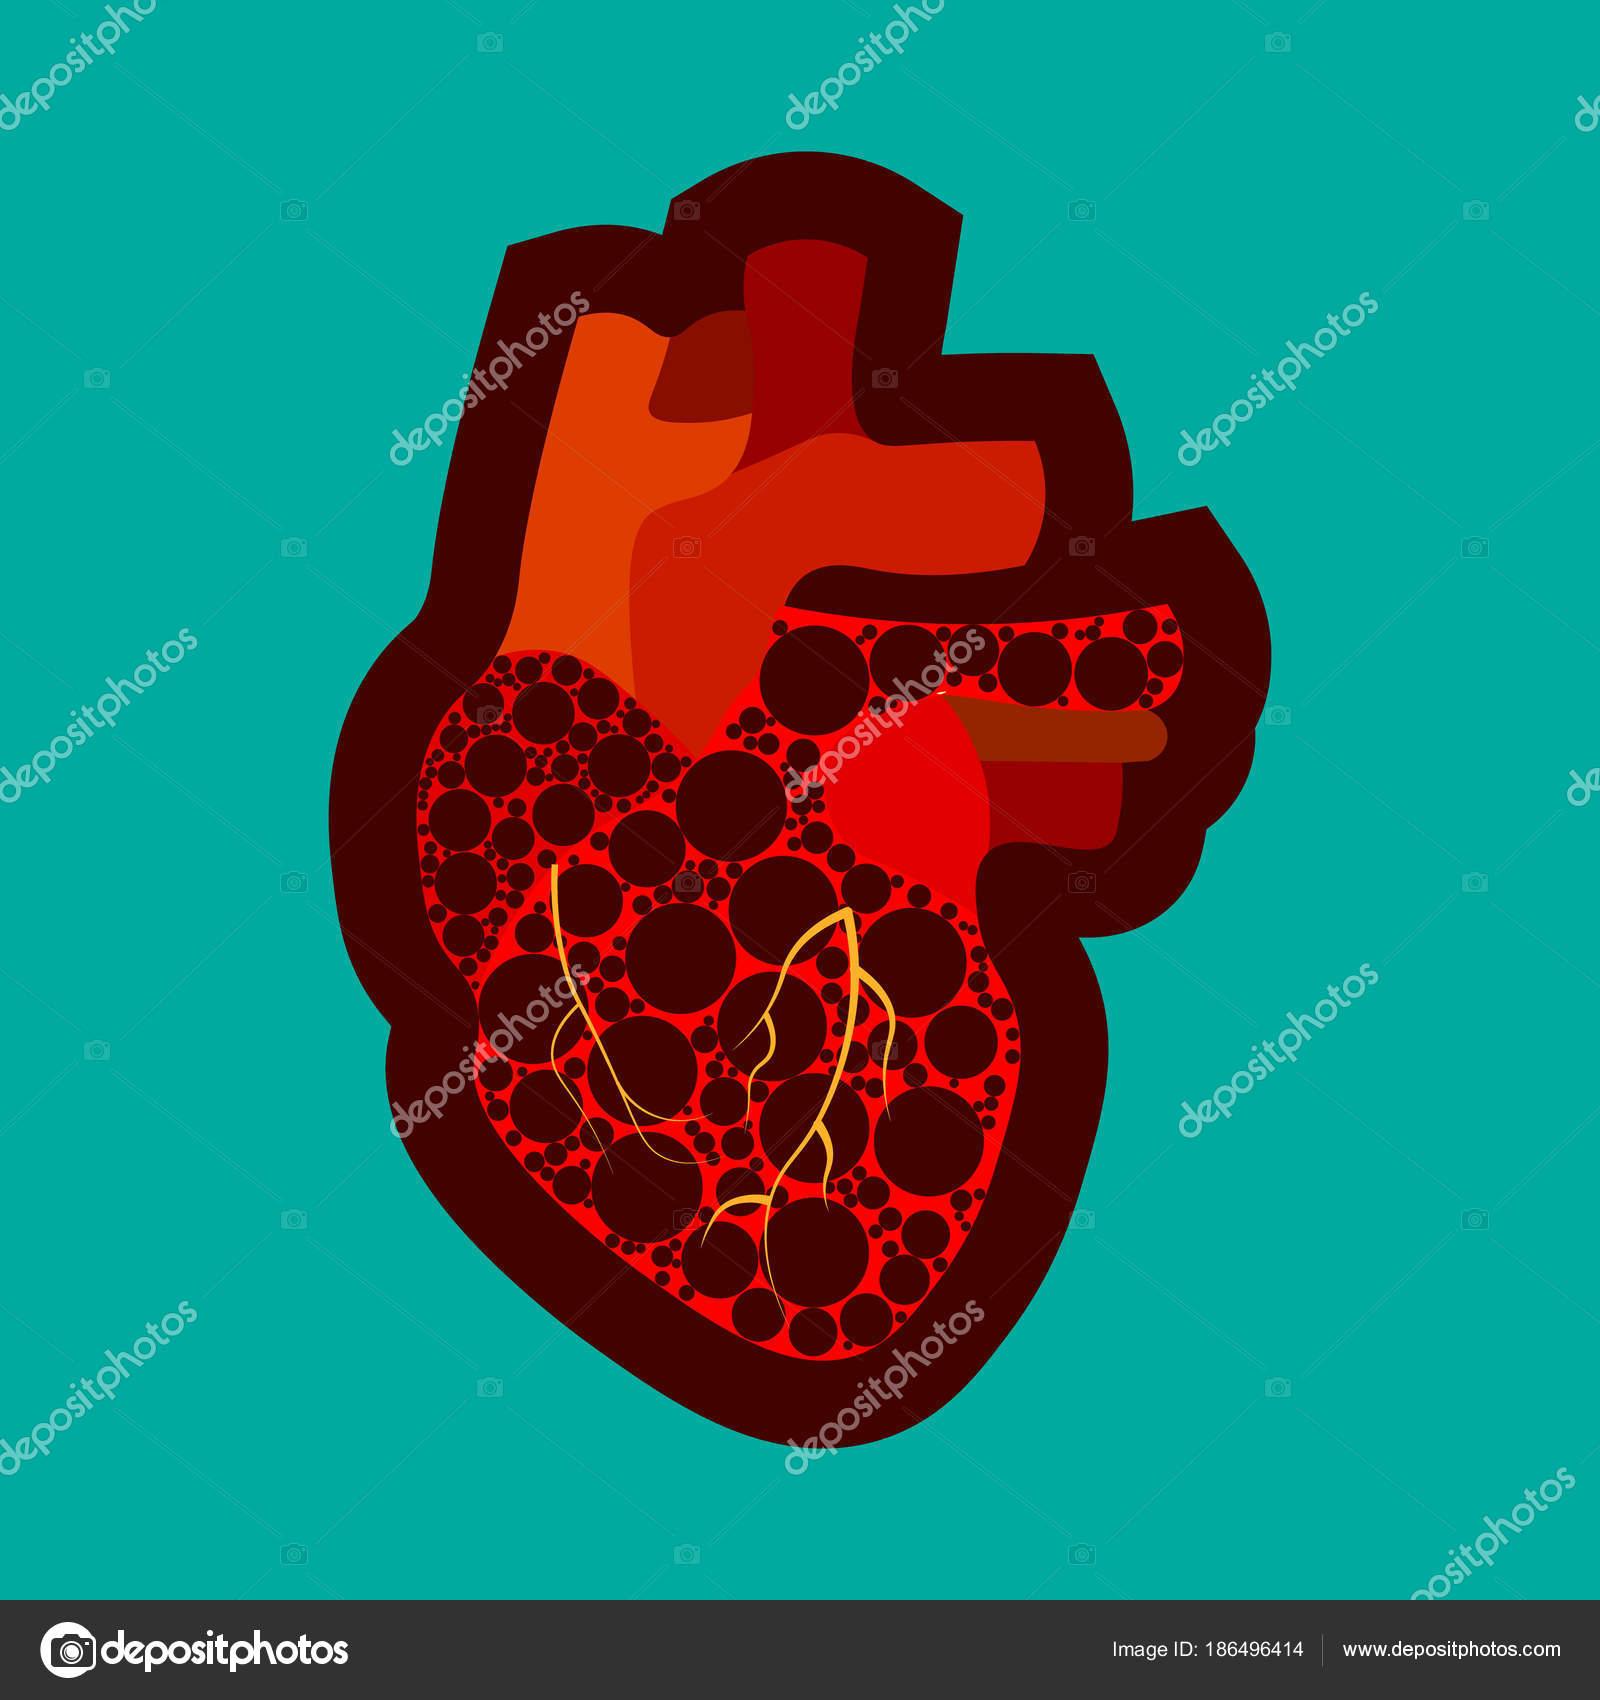 Angeborene Herzfehler Bewusstsein Plakat mit traurigen ...